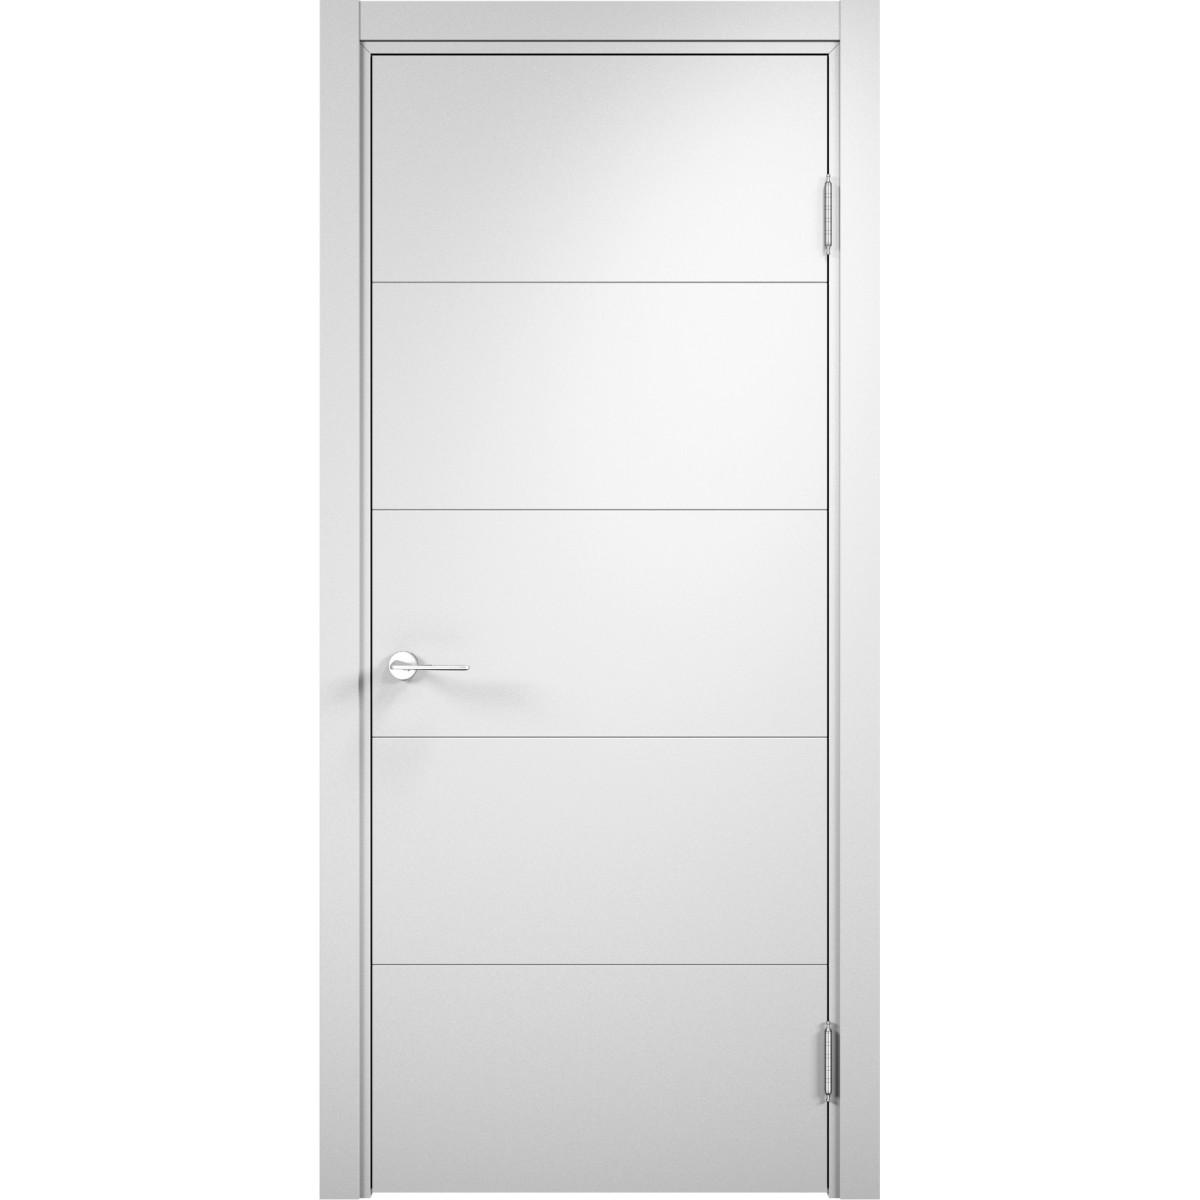 Дверь межкомнатная глухая Турин 80x200 см ПВХ цвет белый